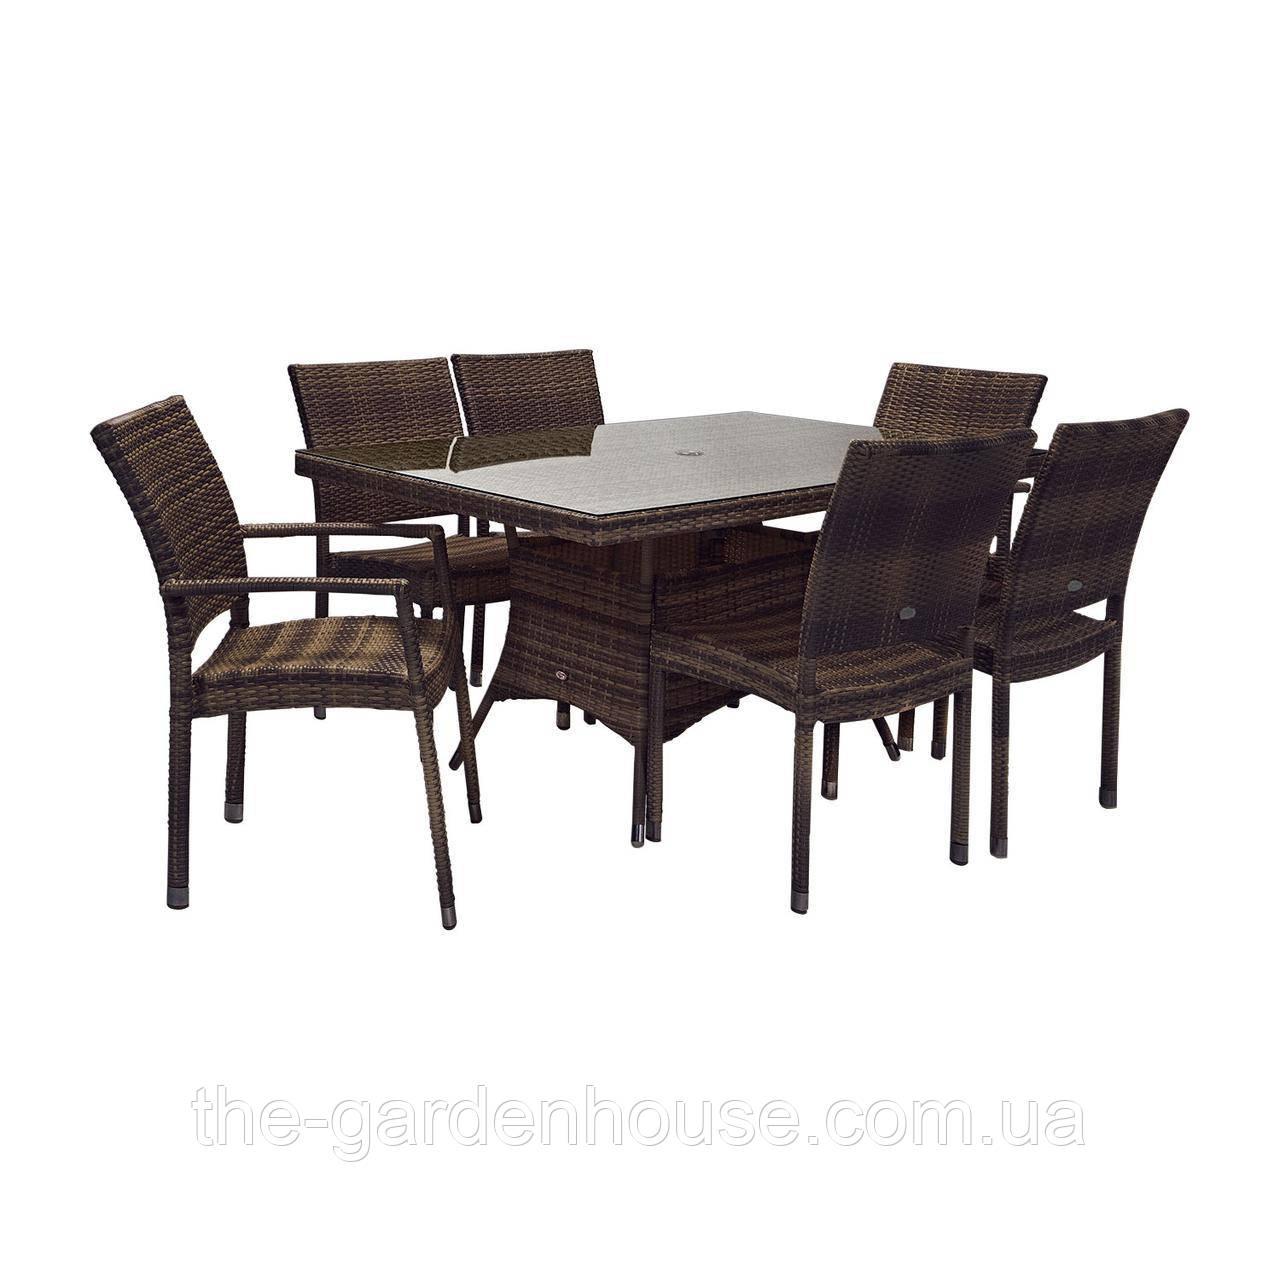 Столовый комплект садовой мебели из искусственного ротанга Викер: стол 150 см и 6 стульев темно-коричневый